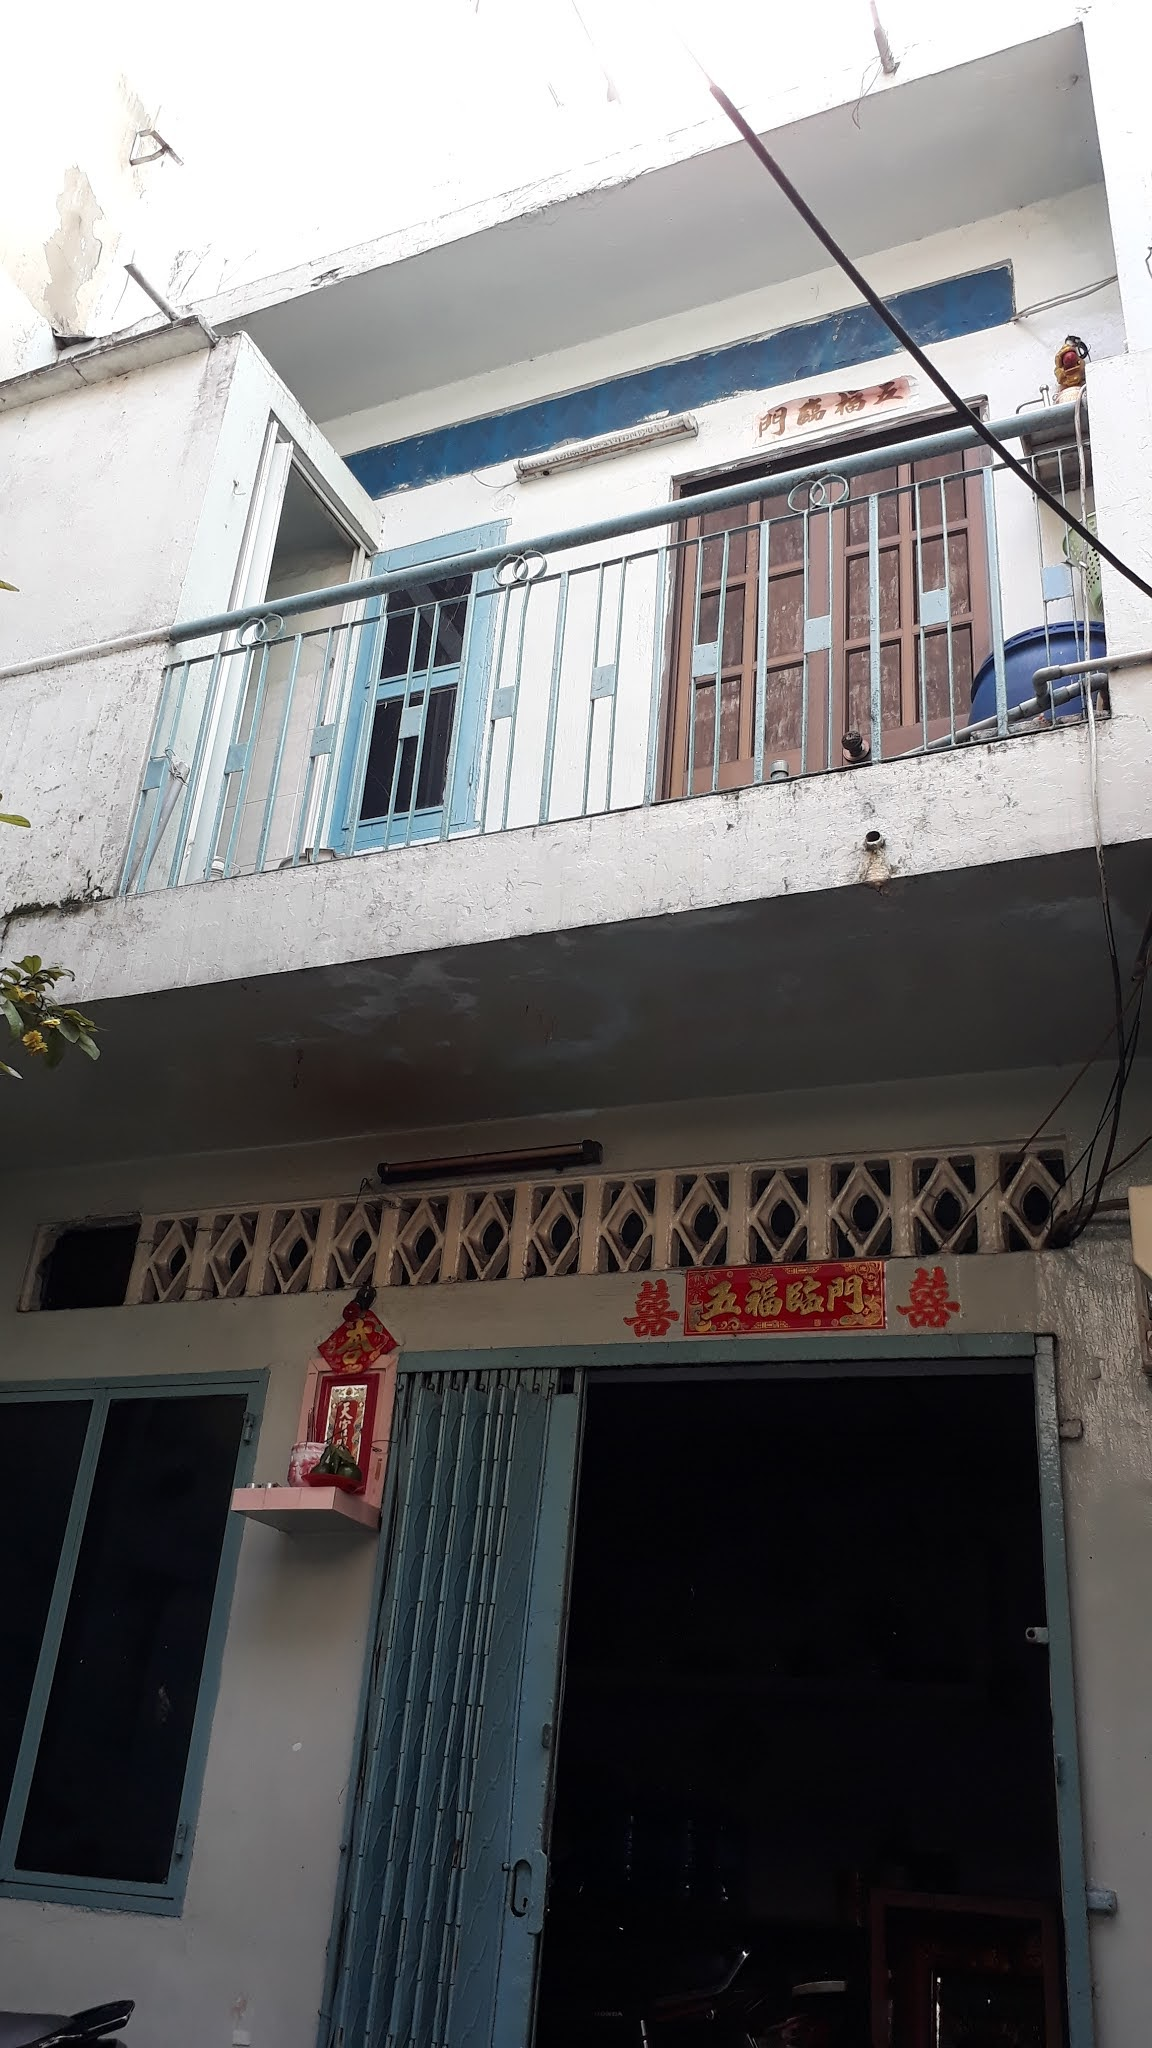 Bán nhà đường Trần Quý phường 4 Quận 11 mới nhất 2020